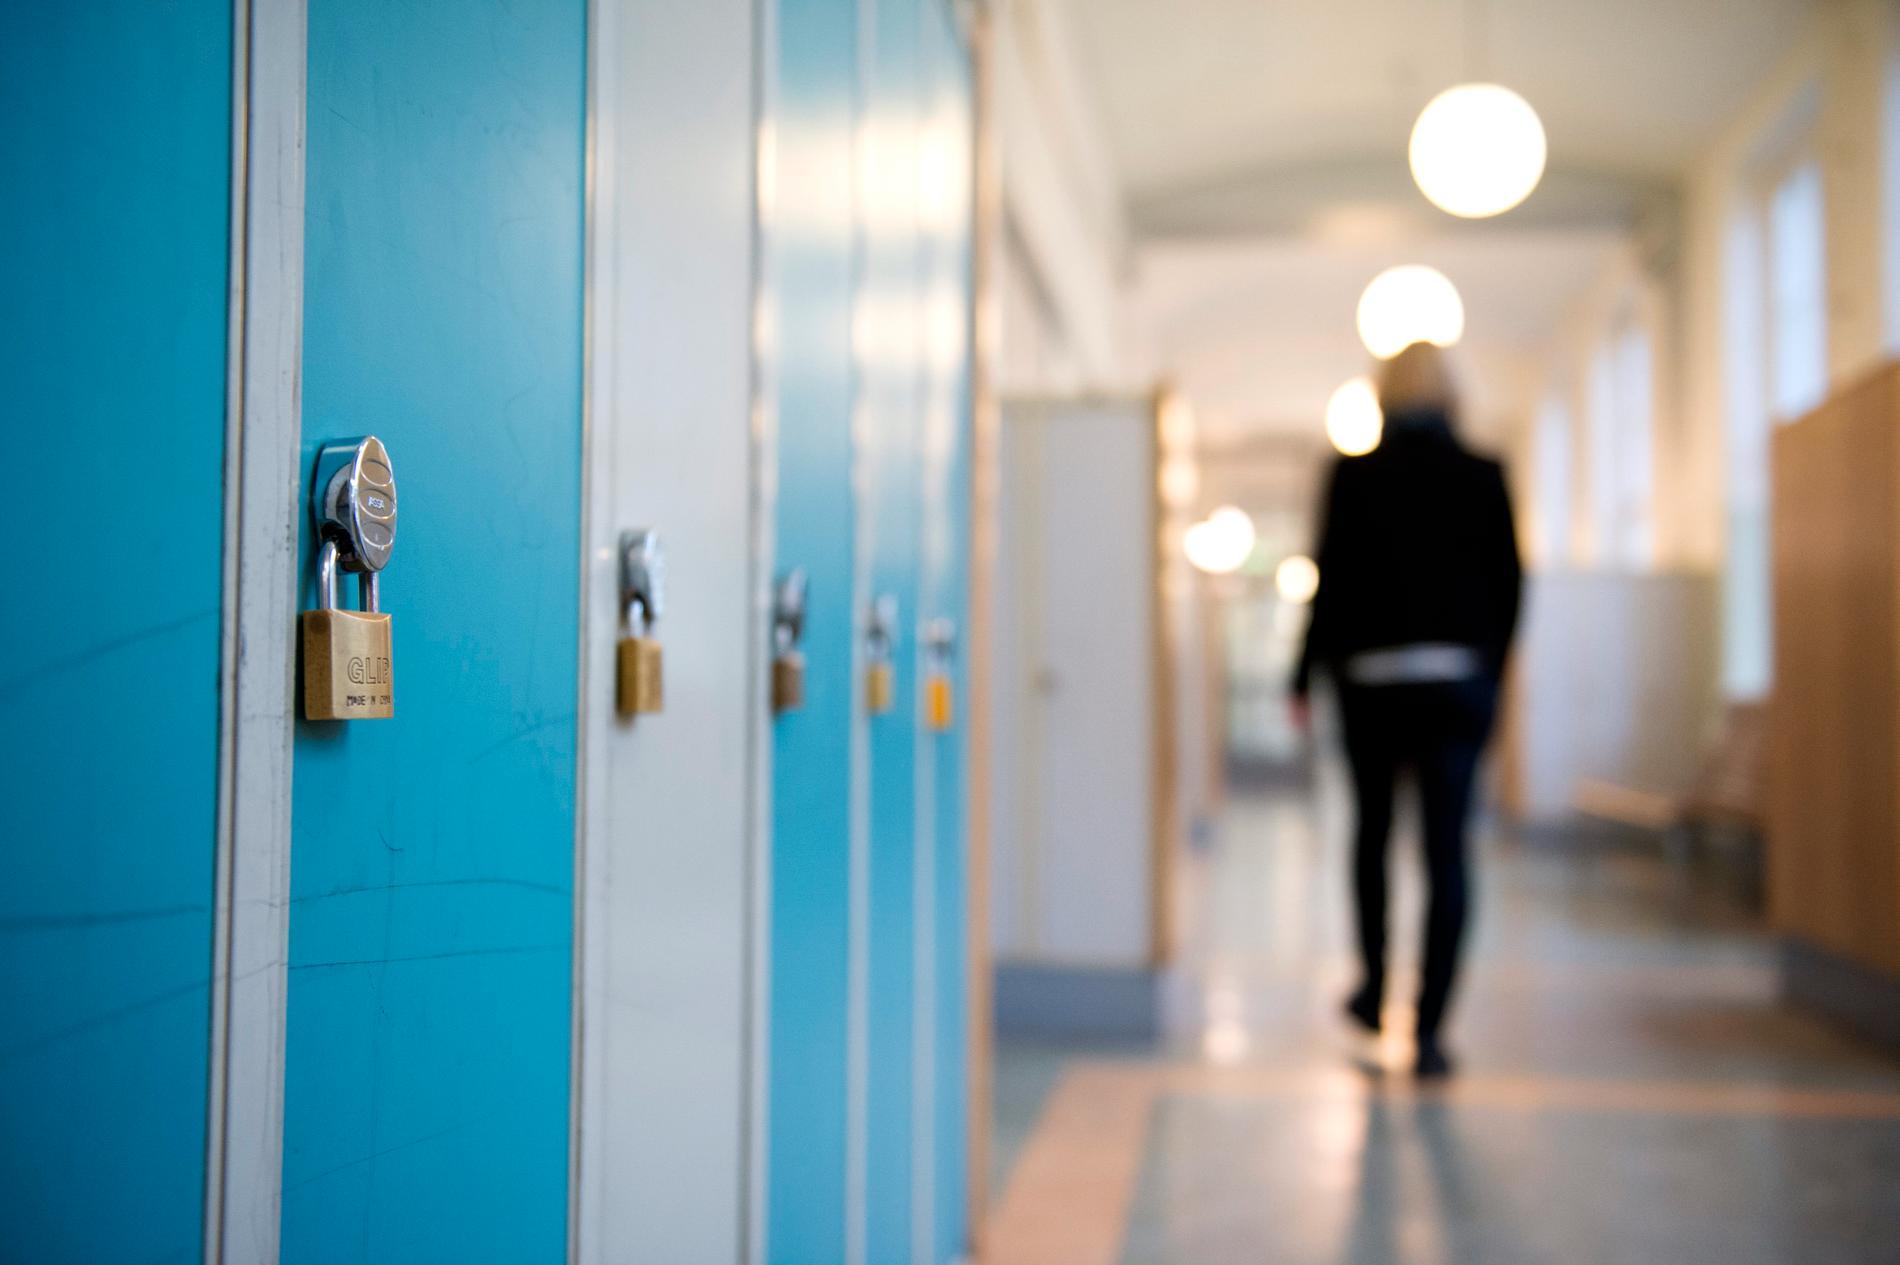 Sju av tio lärare uppger att de utsätts för press av föräldrar, enligt en undersökning som Lärarnas Riksförbund har gjort.